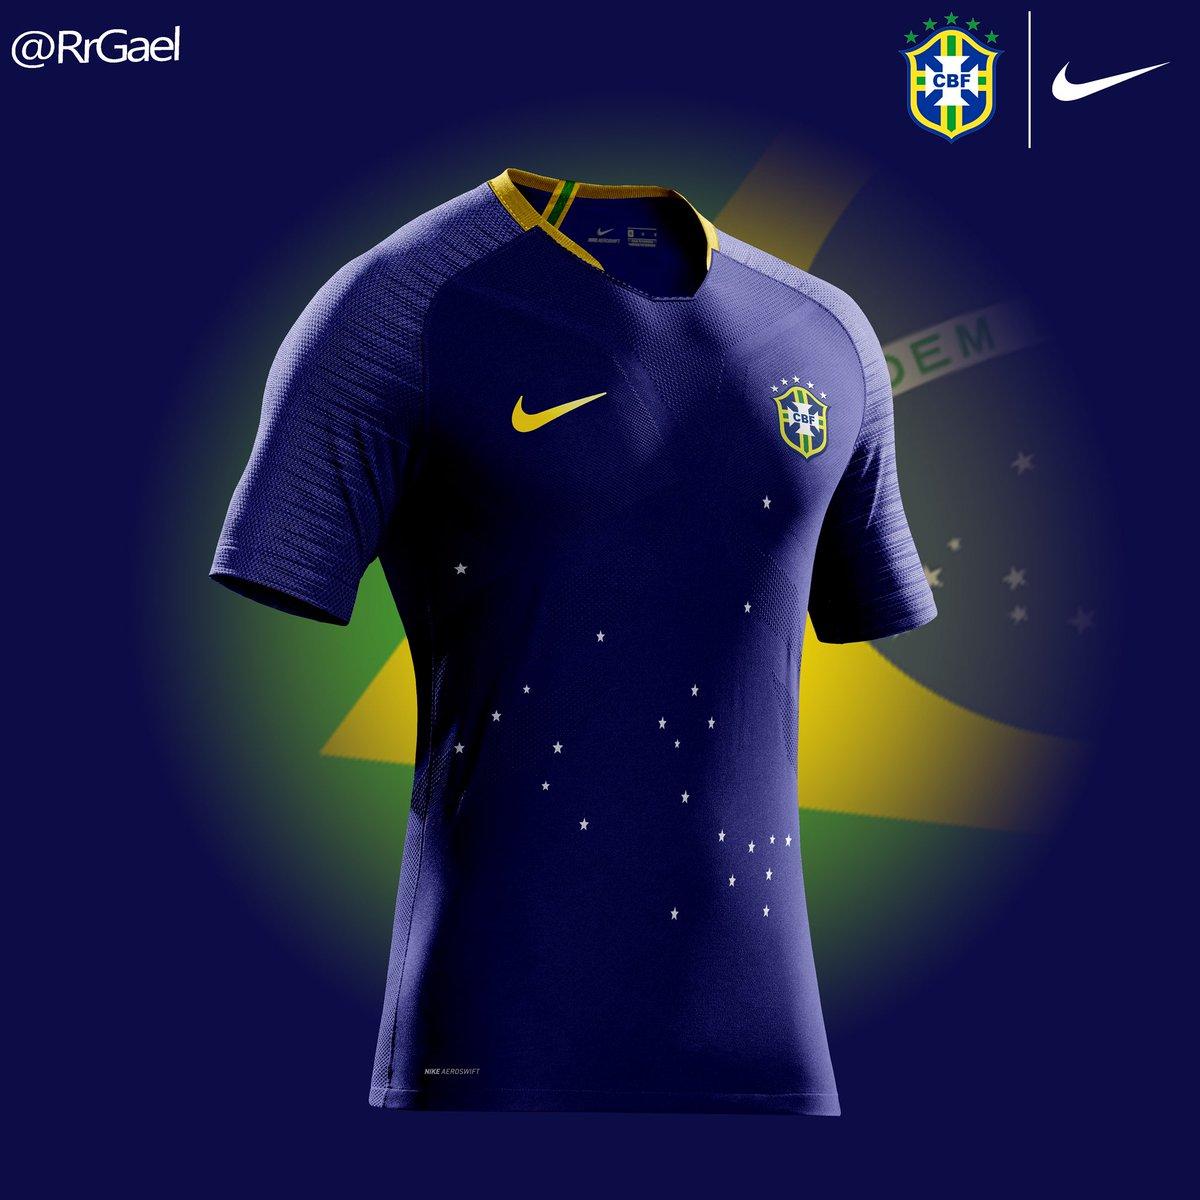 E se fosse assim - Confederação Brasileira de Futebol (CBF) - Show ... cd42aced955e1